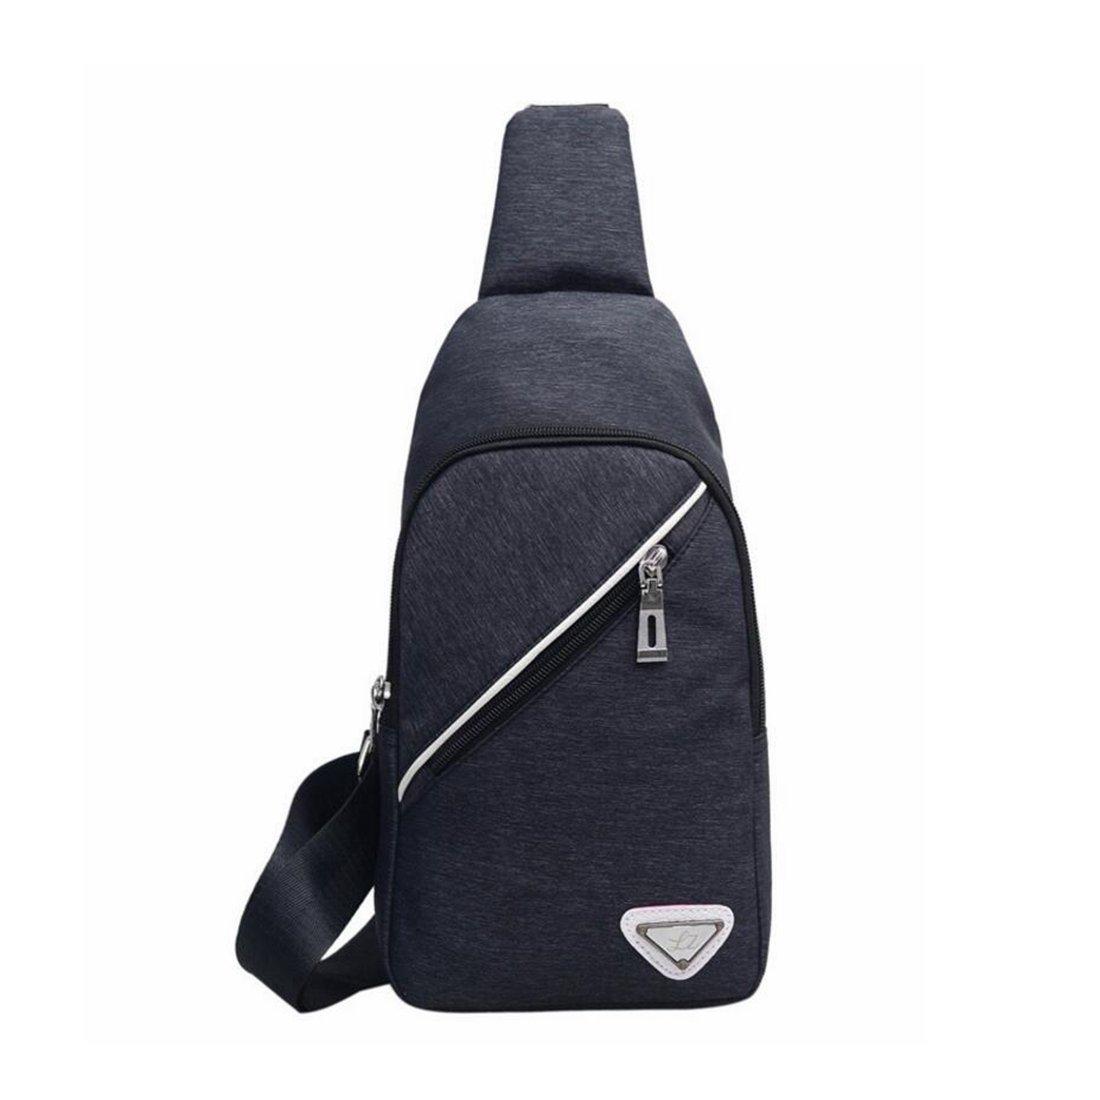 Color : Black 1 KRPENRIO Mens Sling Bag One Shoulder Backpack Crossbody Chest Bag for Hiking Camping